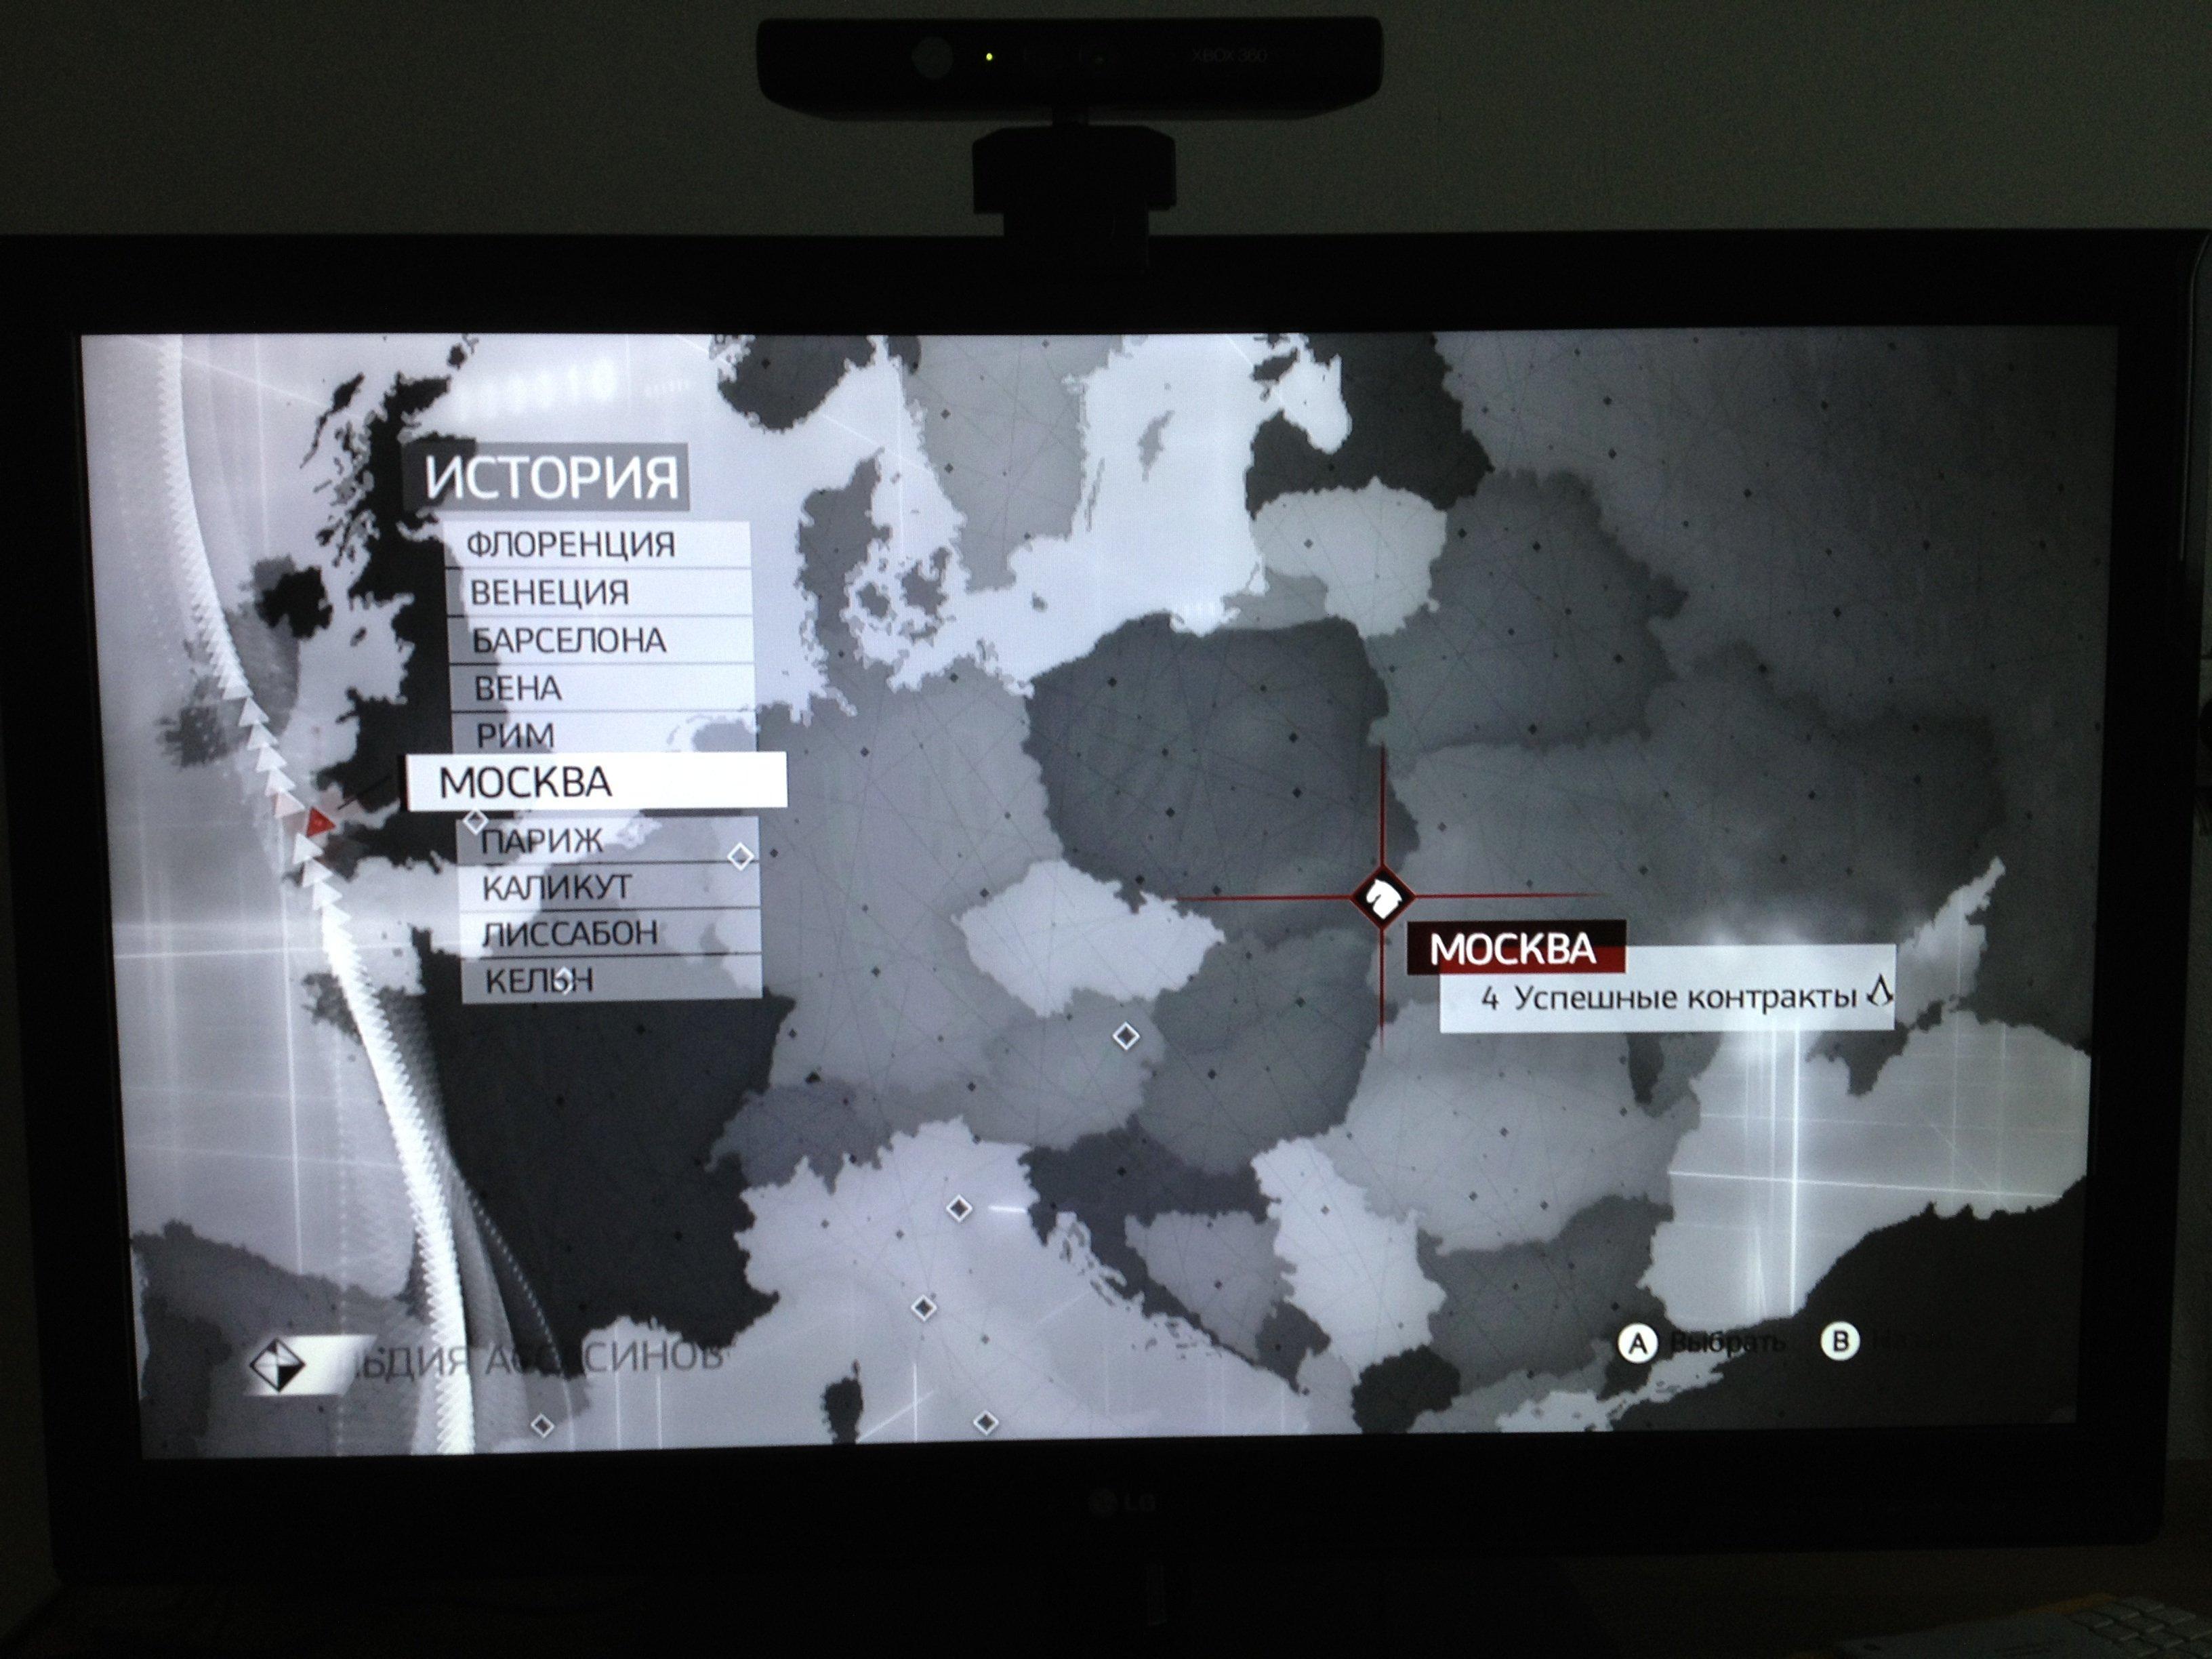 Прохожу я значит AC: Brotherhood и тут замечаю что москва то оказывается на границе Украины и Польши 0_о #самоеглавное - Изображение 1